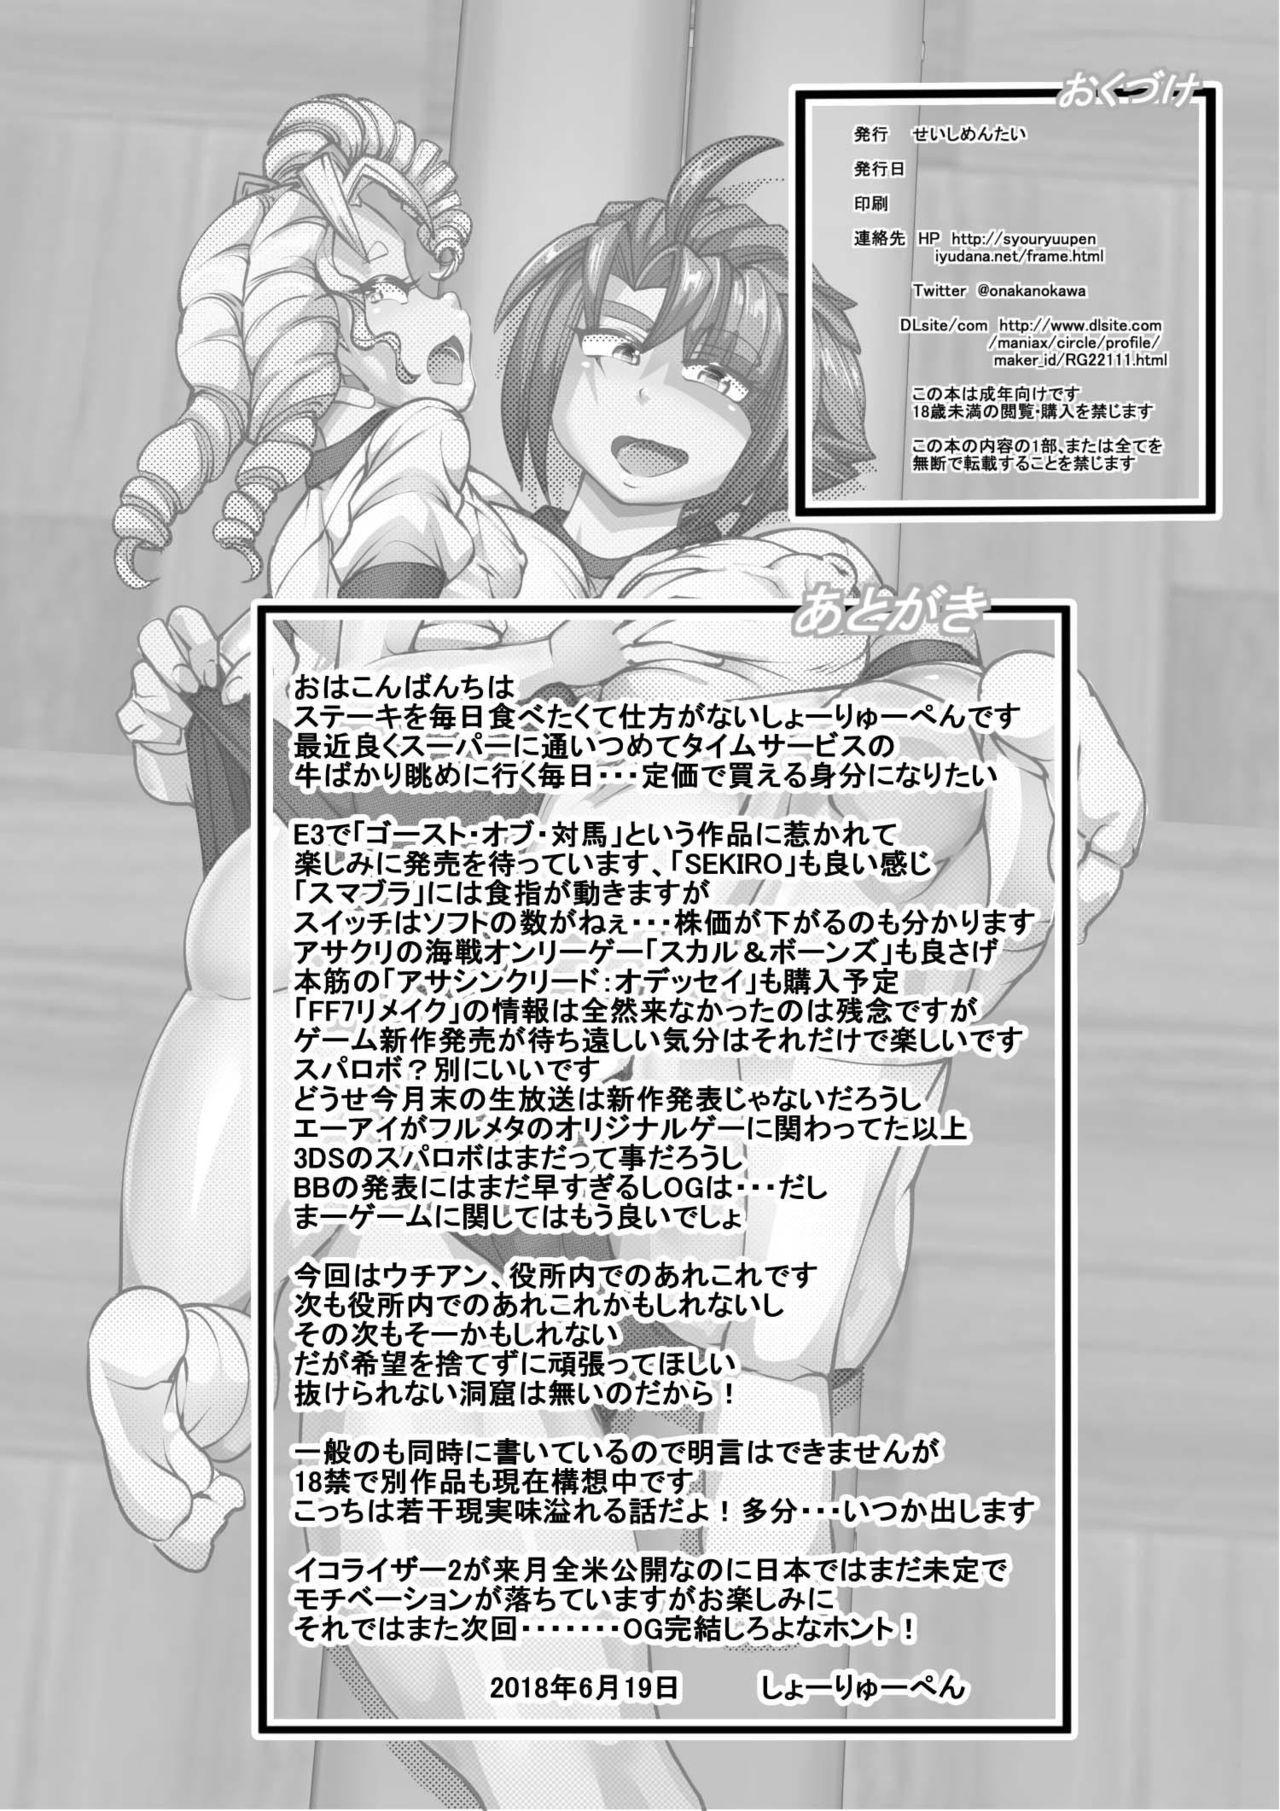 Uchi no Joseito Zenin Haramaseta Kedamono ga Anta no Gakuen ni Iku Rashii yo? 27 28